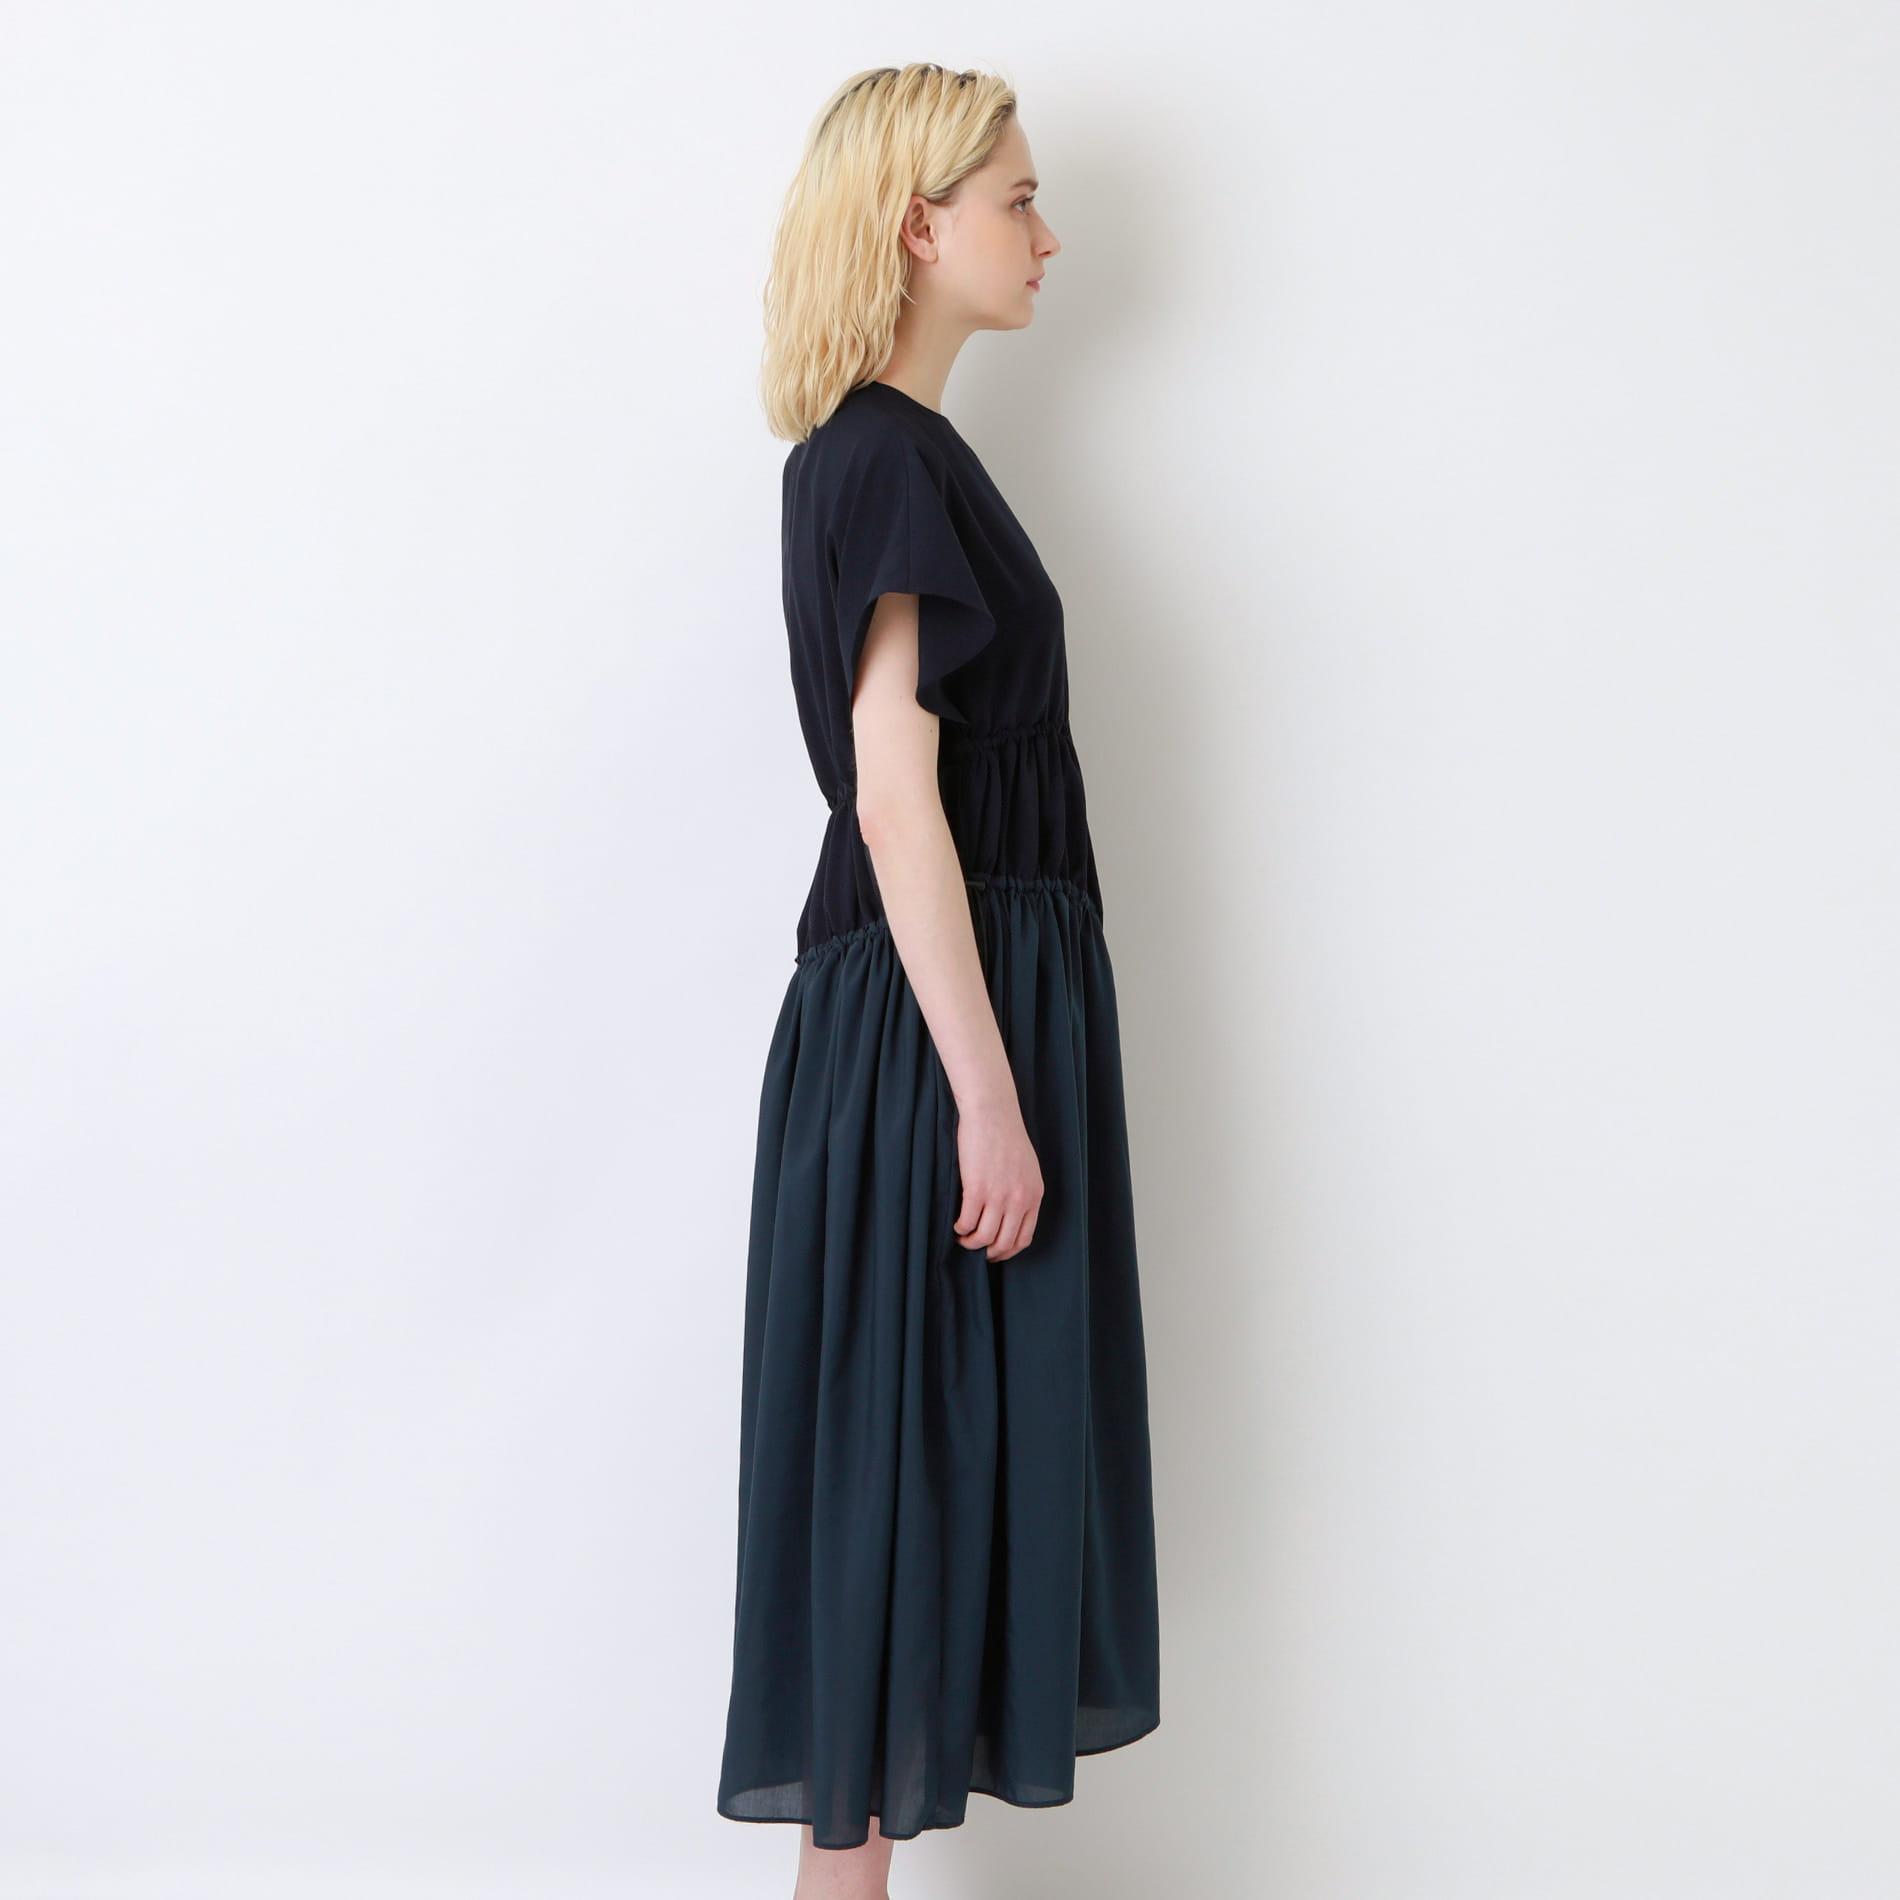 【AVIE】WOMEN 別注 アシンメトリーフレアワンピース 0202-04060